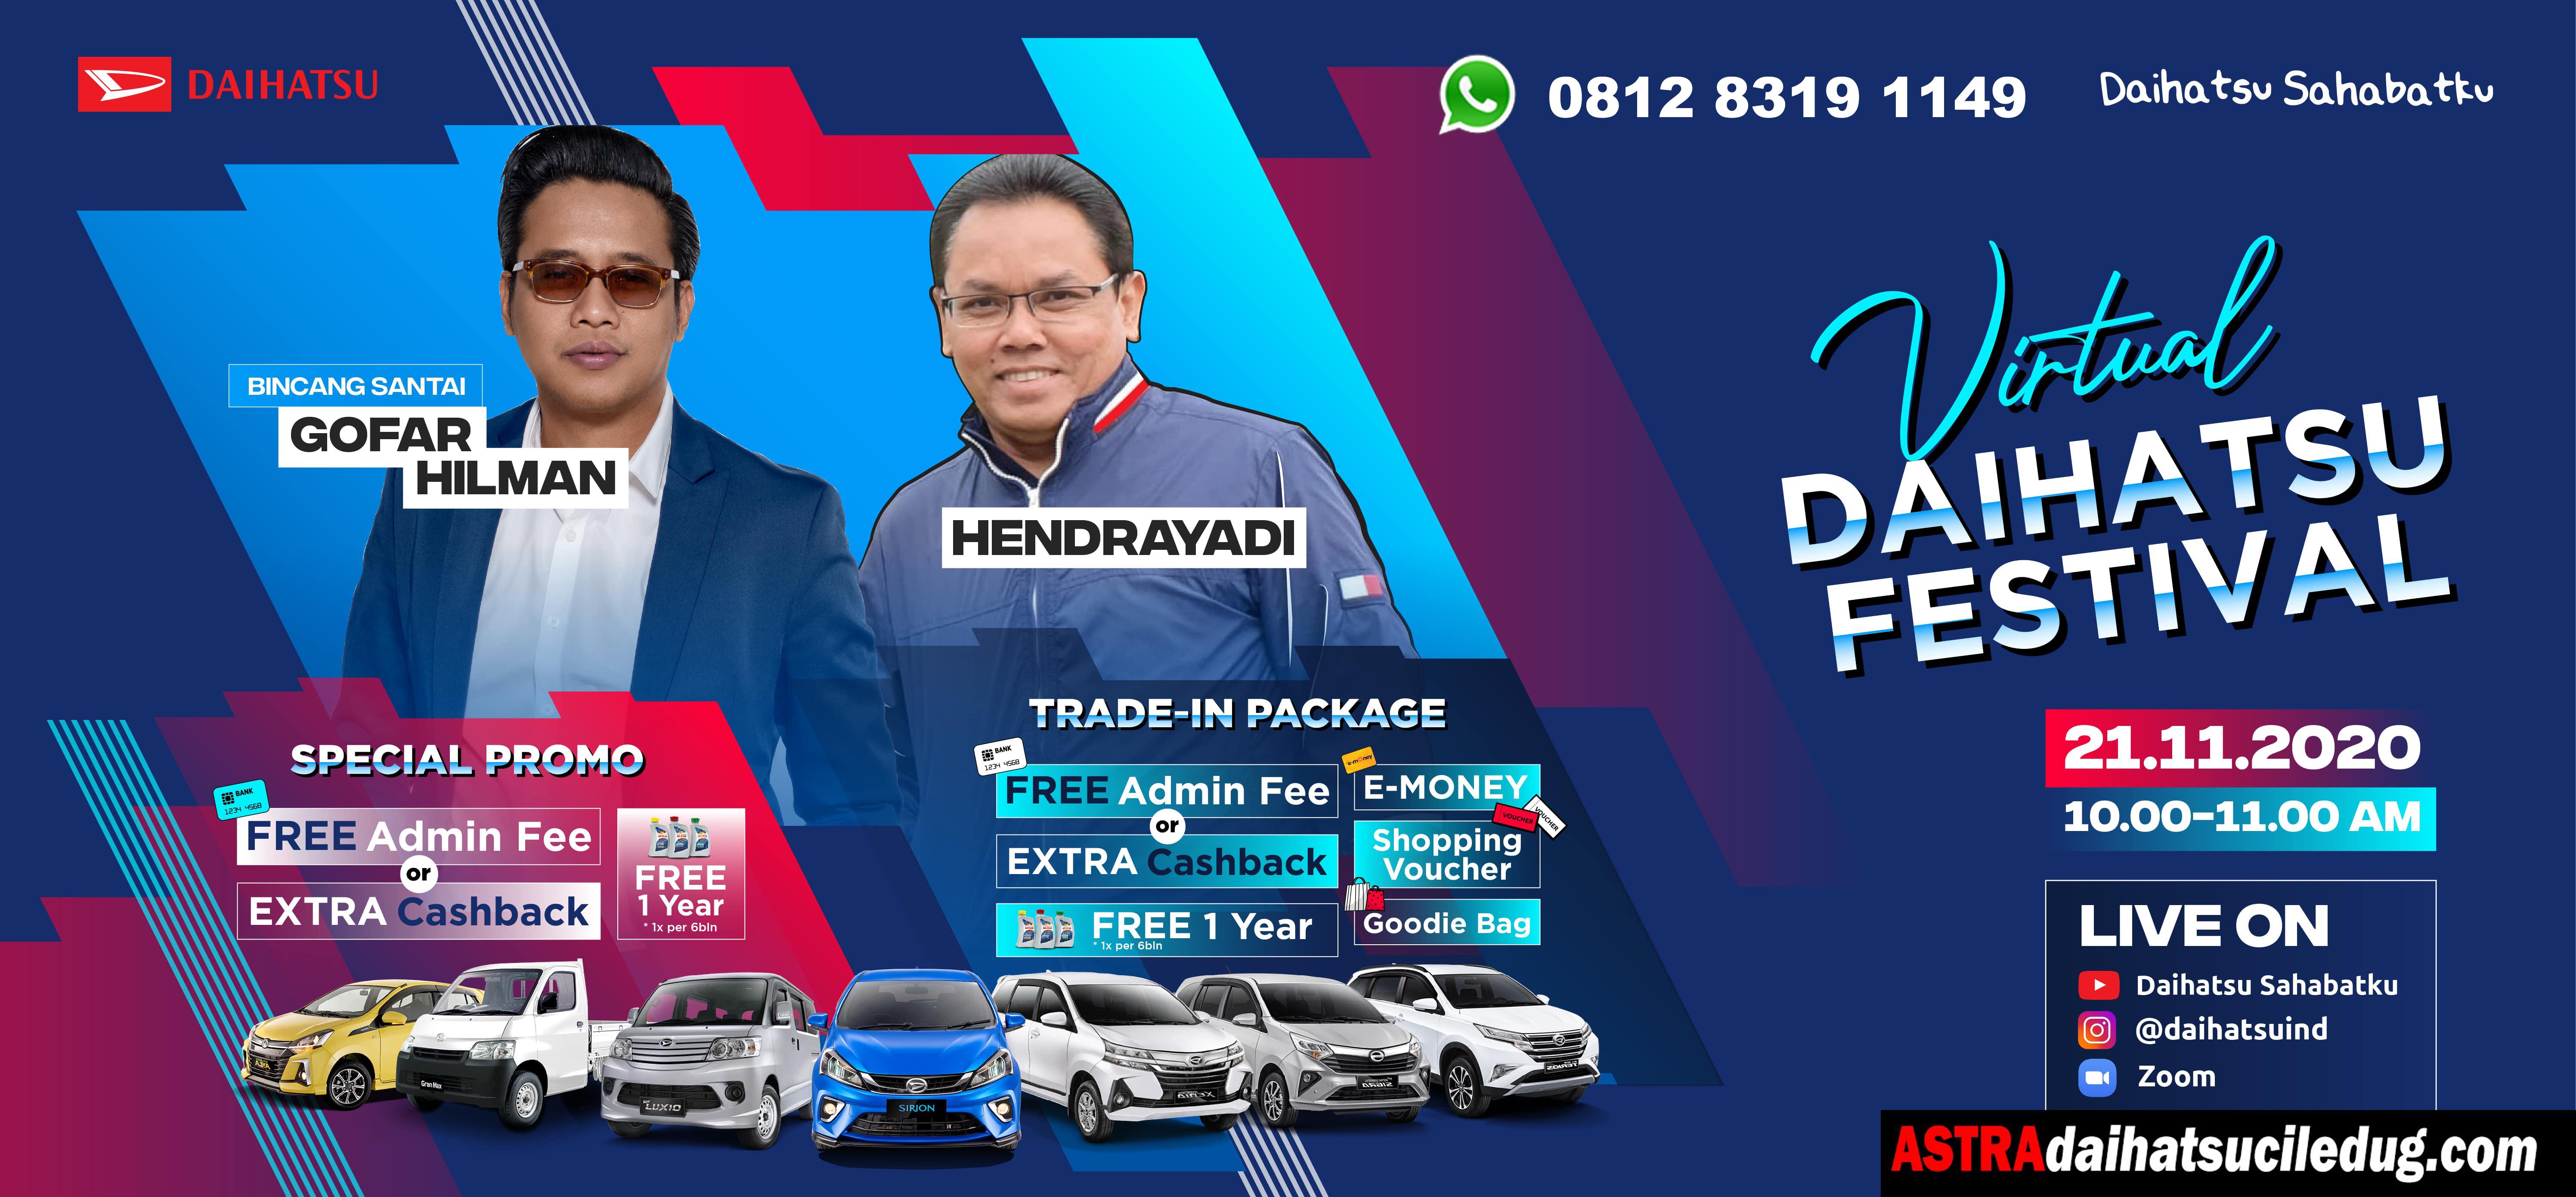 Daihatsu Ciledug Virtual-Event-21-Nov Promo Daihatsu Virtual Event November 2020